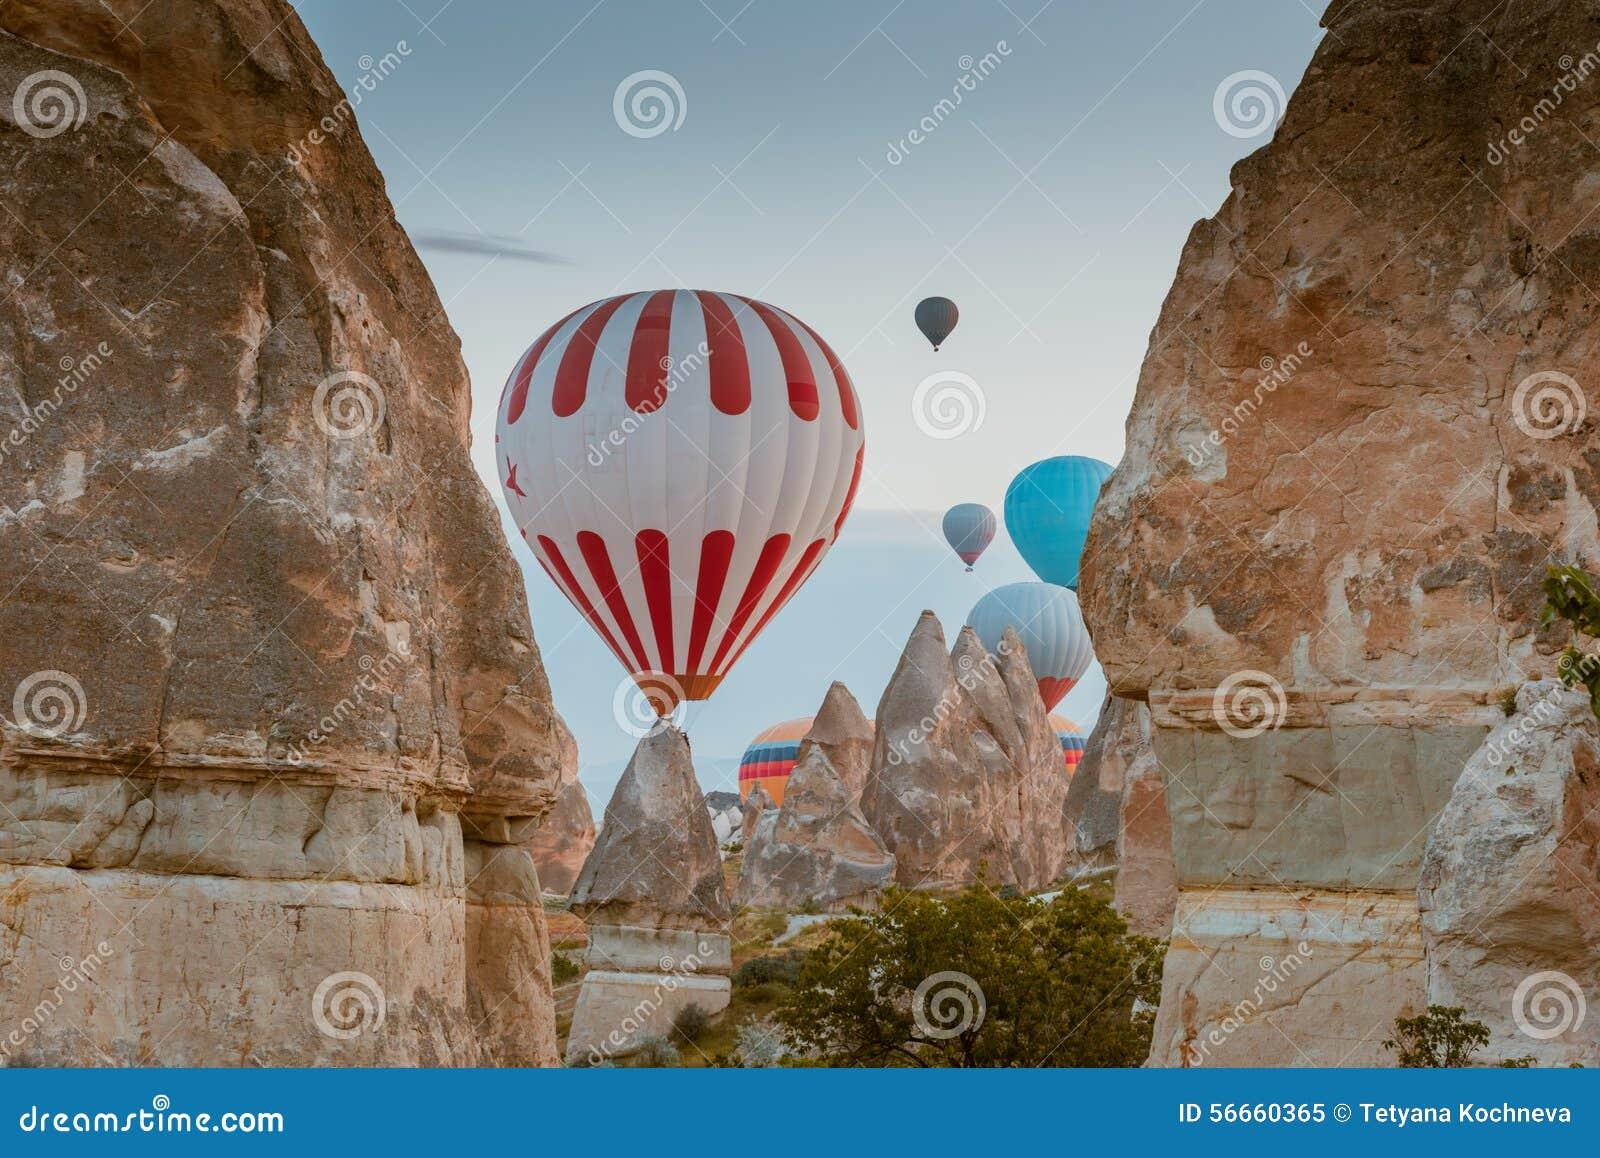 Globo del aire caliente que vuela sobre Cappadocia, Turquía